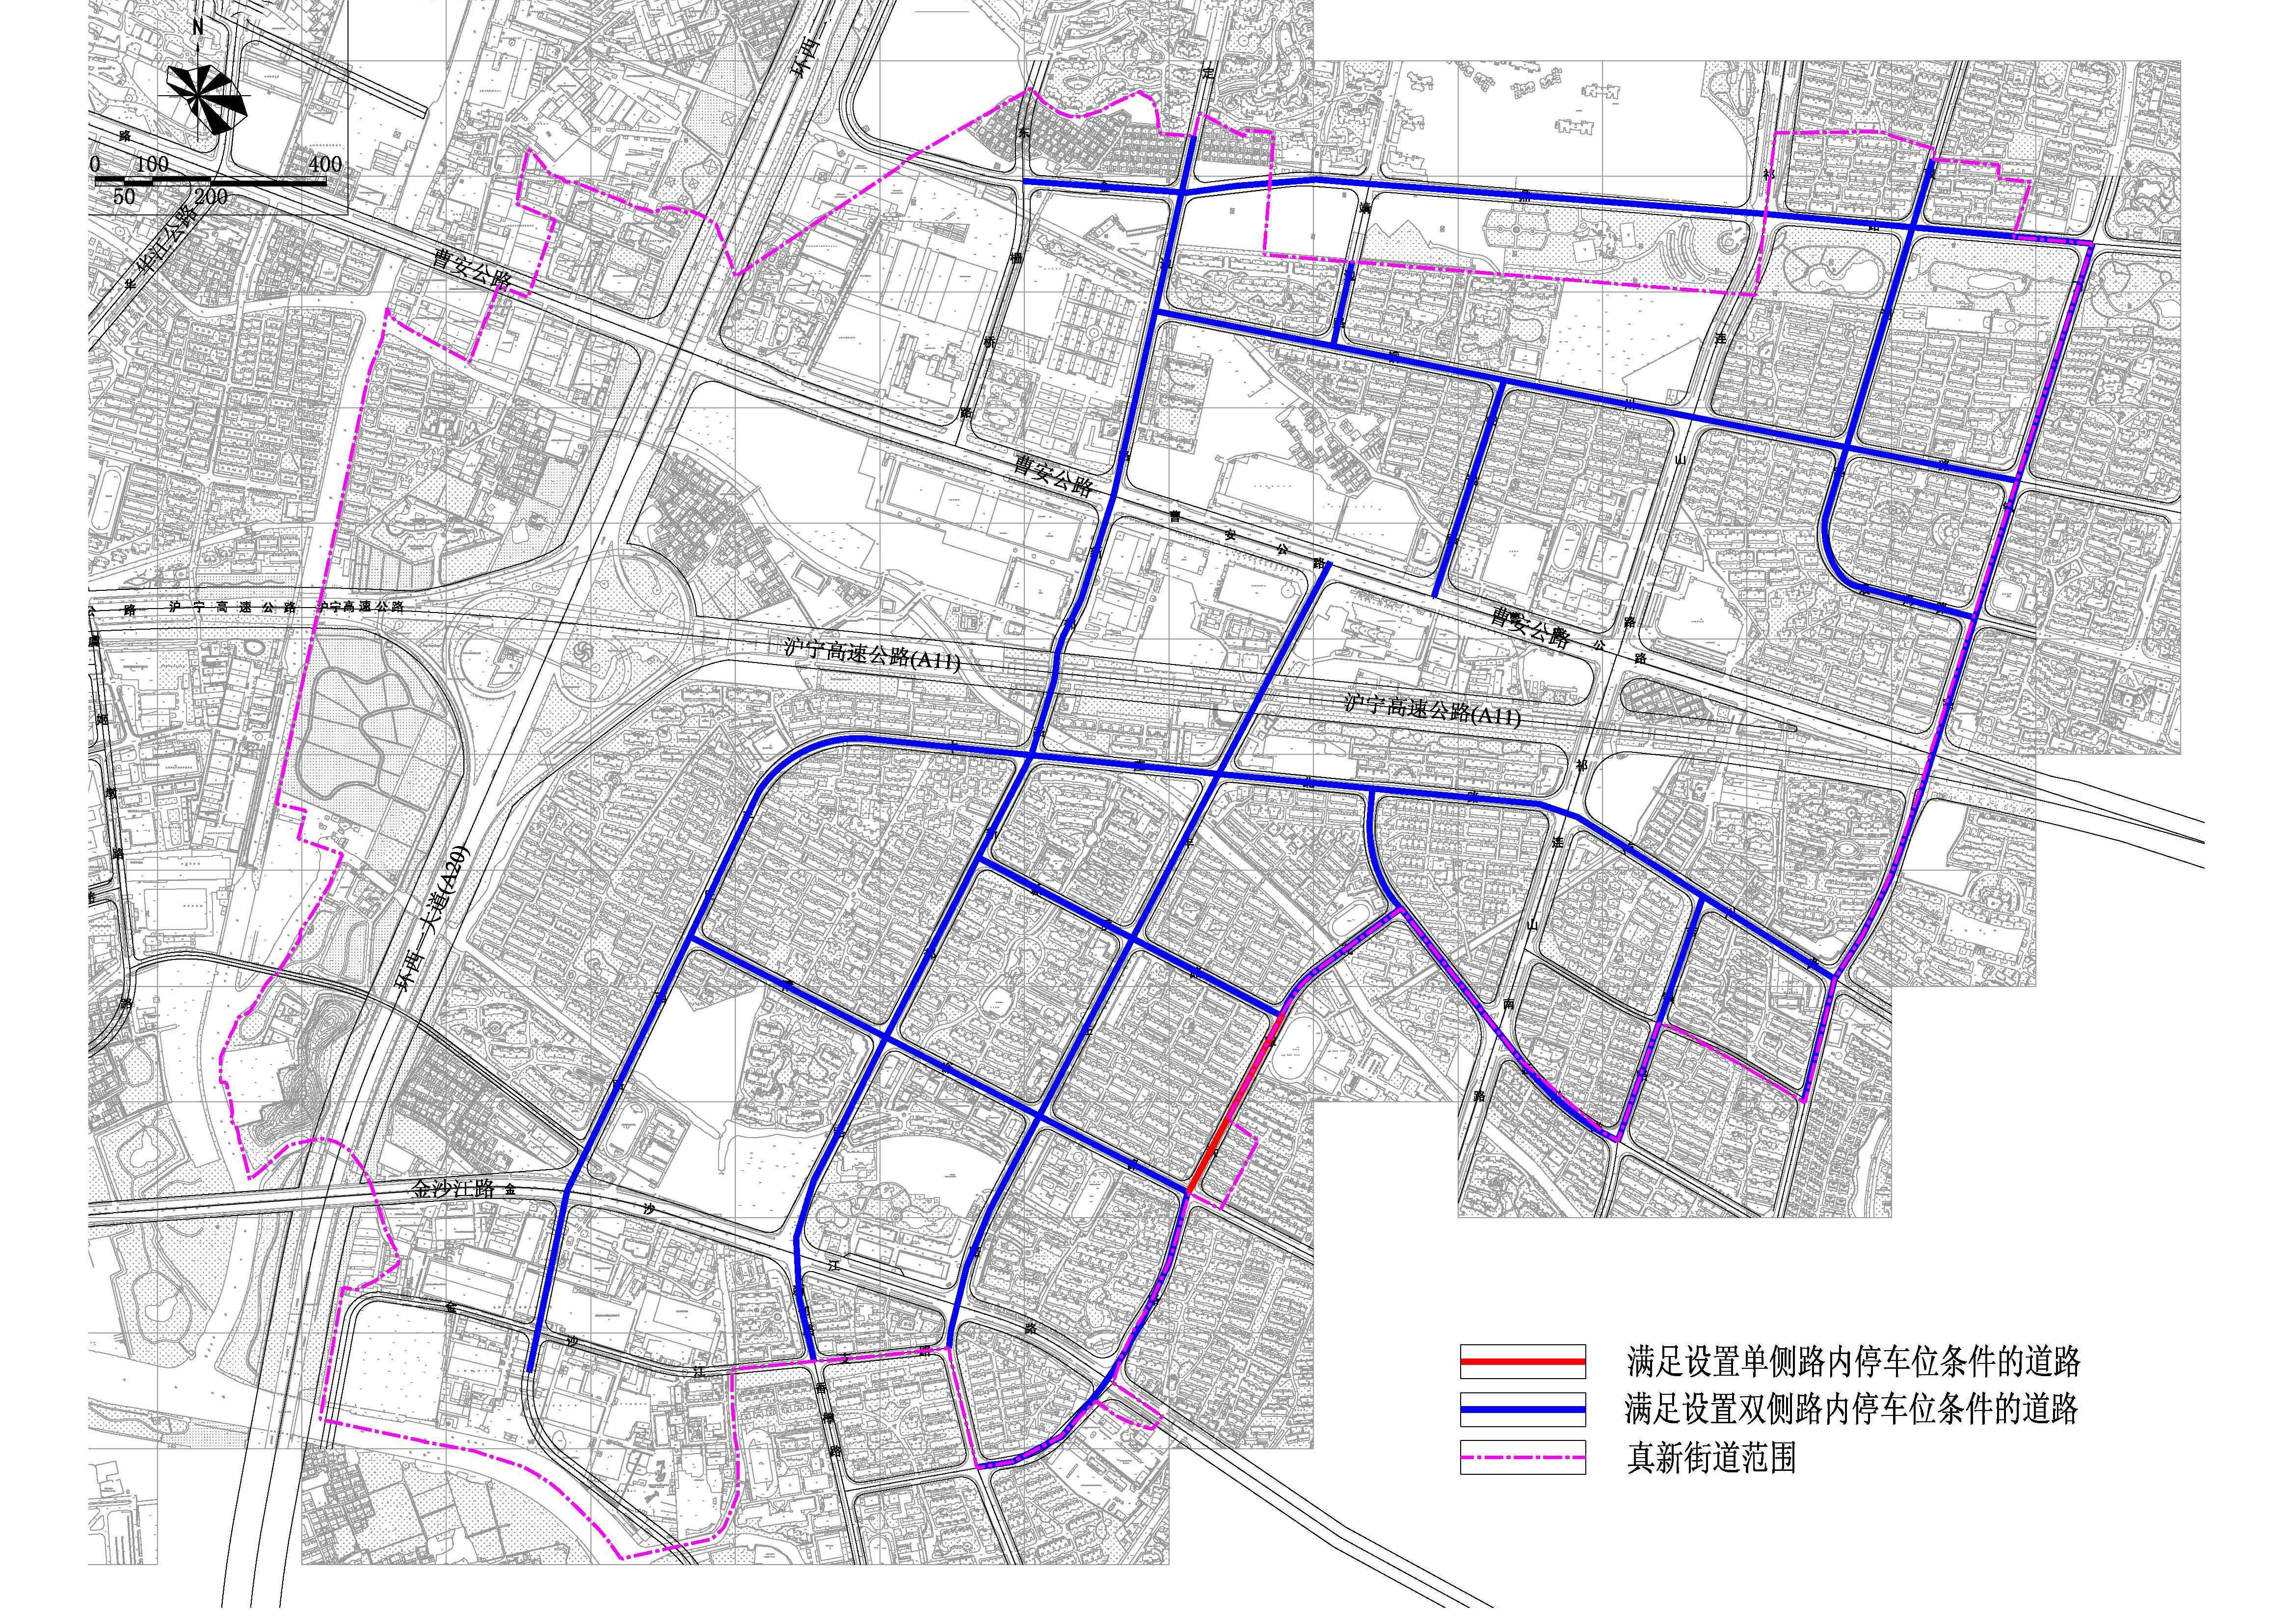 路内停车泊位设置条件分析图